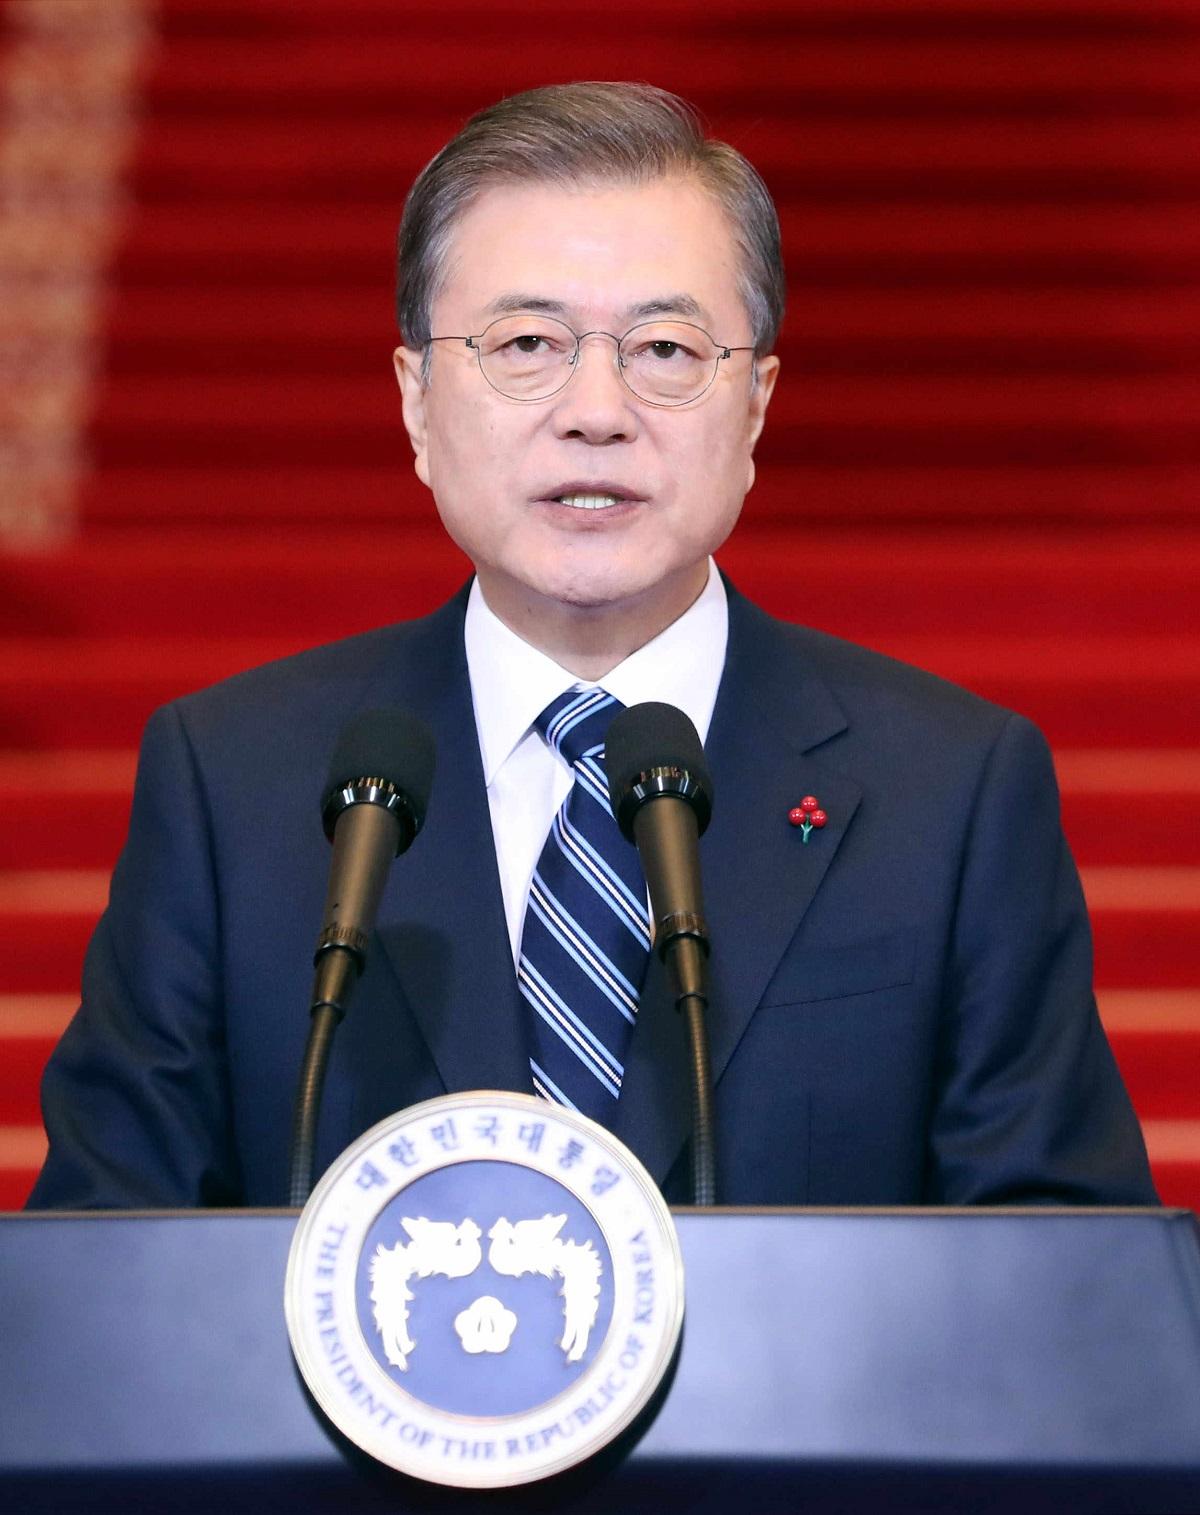 写真・図版 : 韓国大統領府で新年の辞を述べる文在寅大統領=2020年1月7日、東亜日報提供